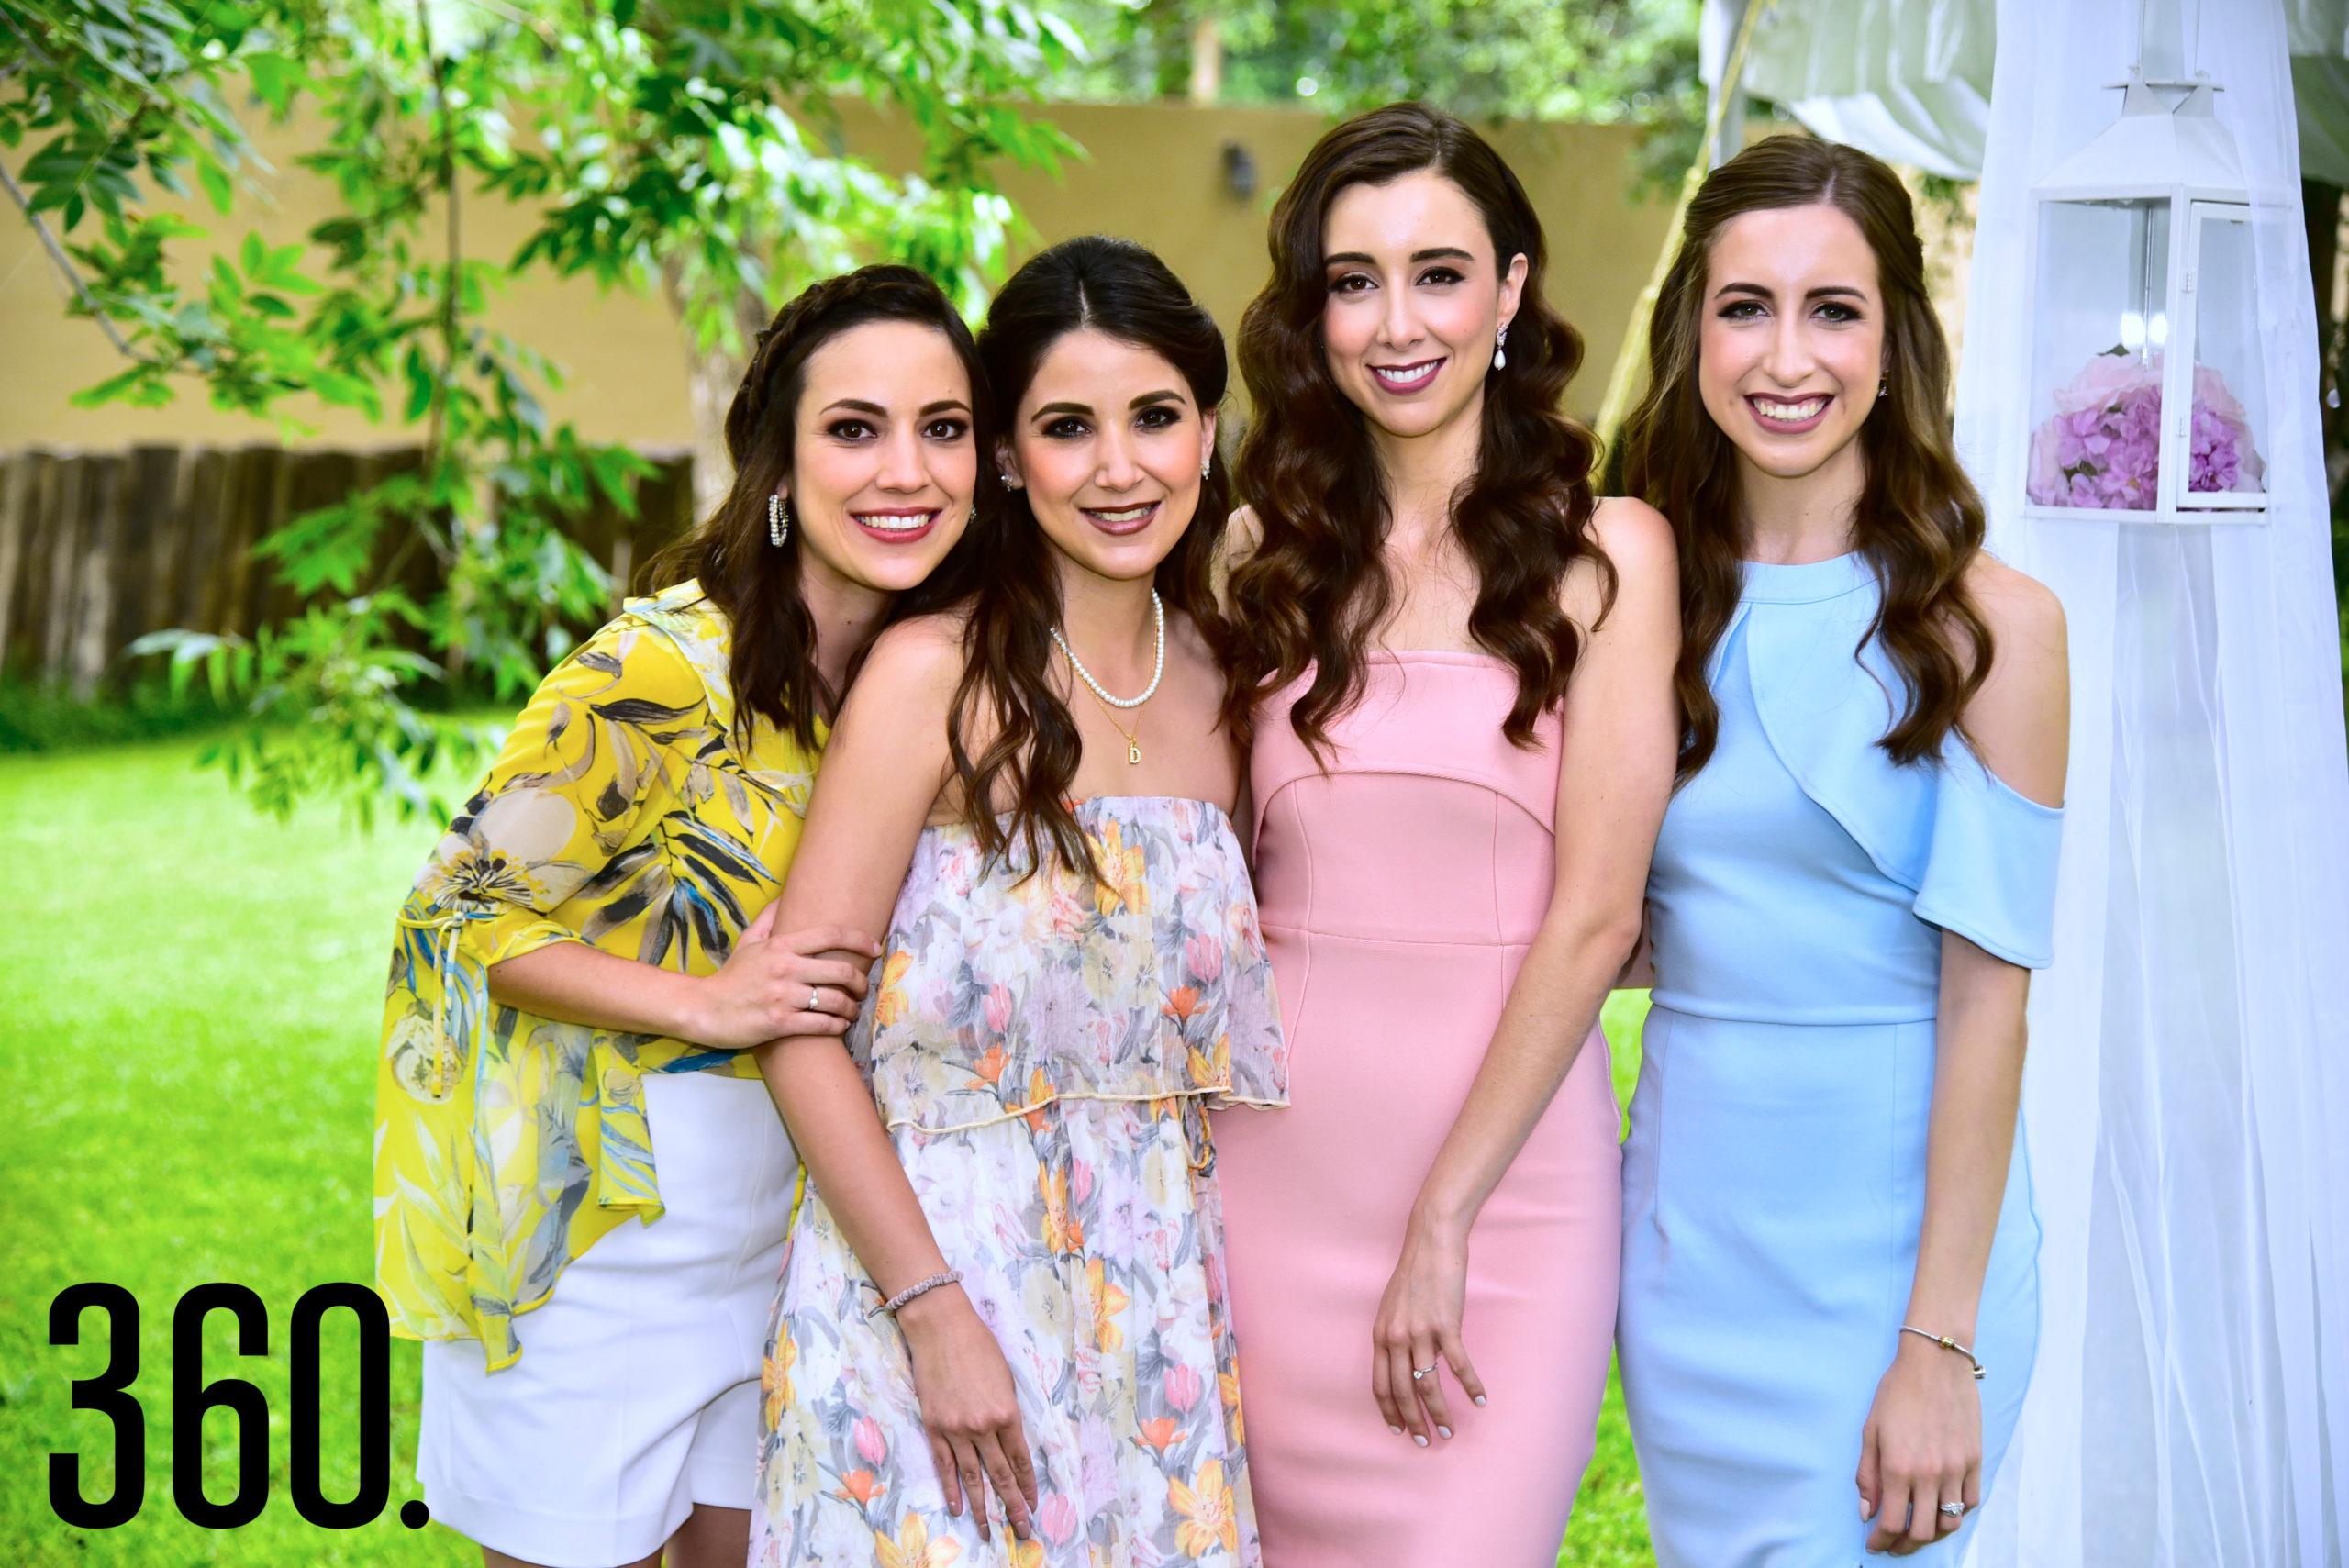 Karla Treviño, Daniela Treviño, Sofía Elguezabal y Valeria Elguezabal.